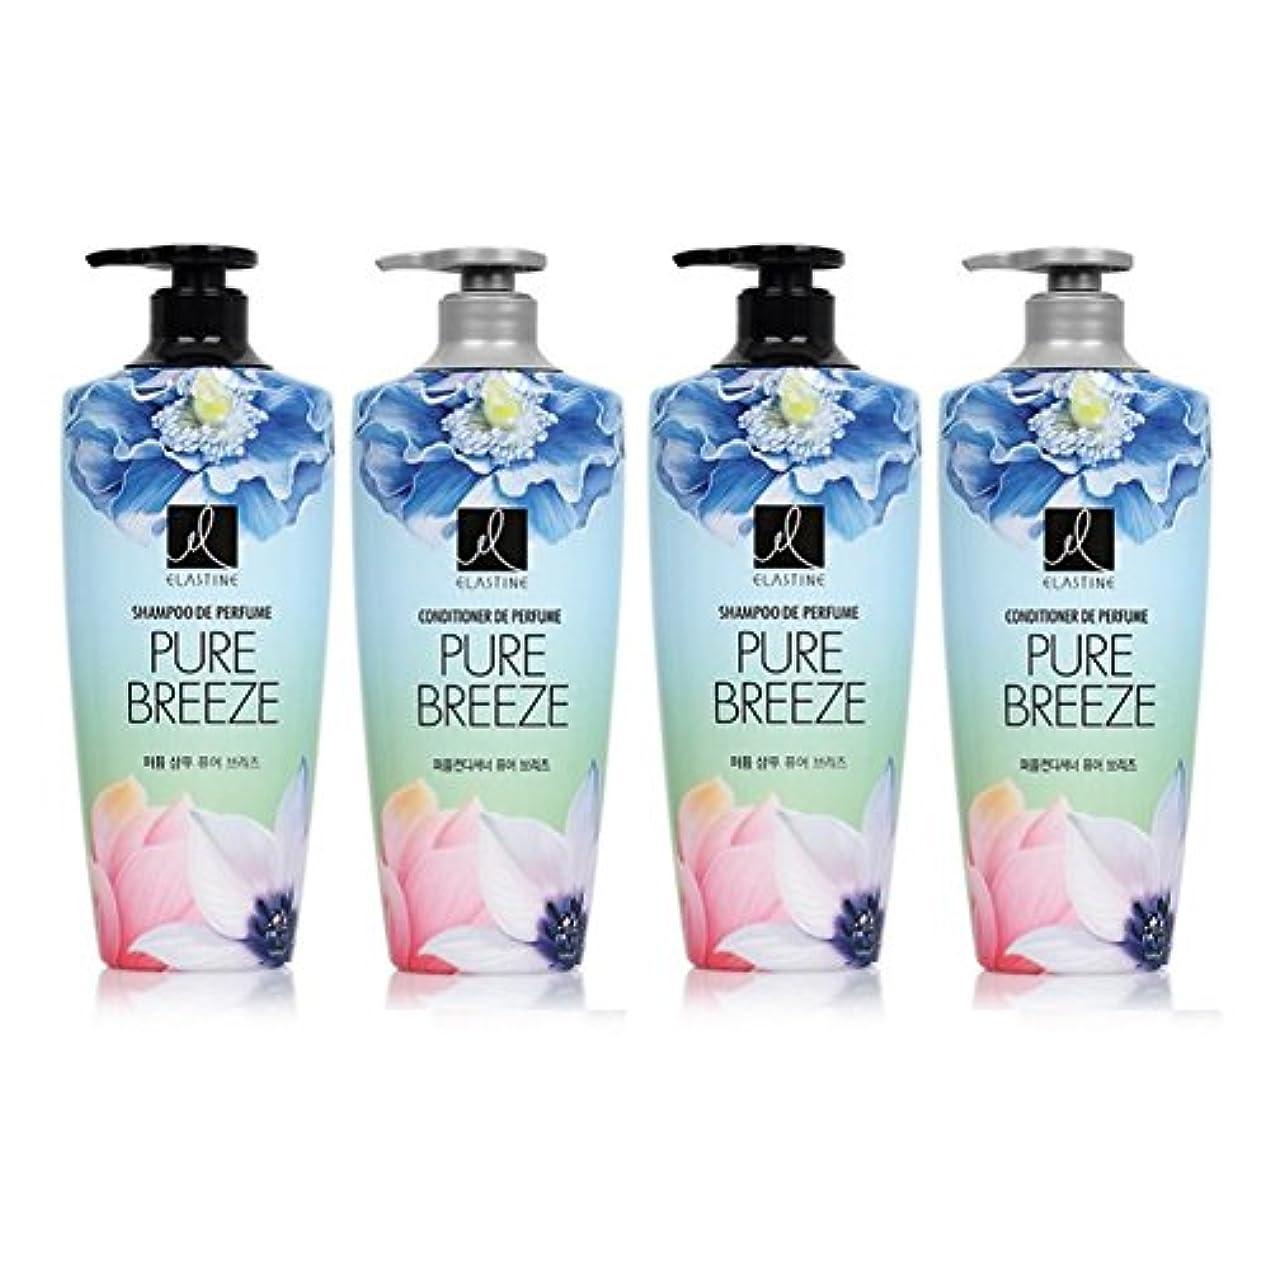 ライバル風変わりな主要な[エラスティン] Elastine Perfume PURE BREEZE 4本 セット / シャンプー(600ml) + コンディショナー(600ml) / パフュームピュアブリーズ [並行輸入品] (シャンプー 2本...